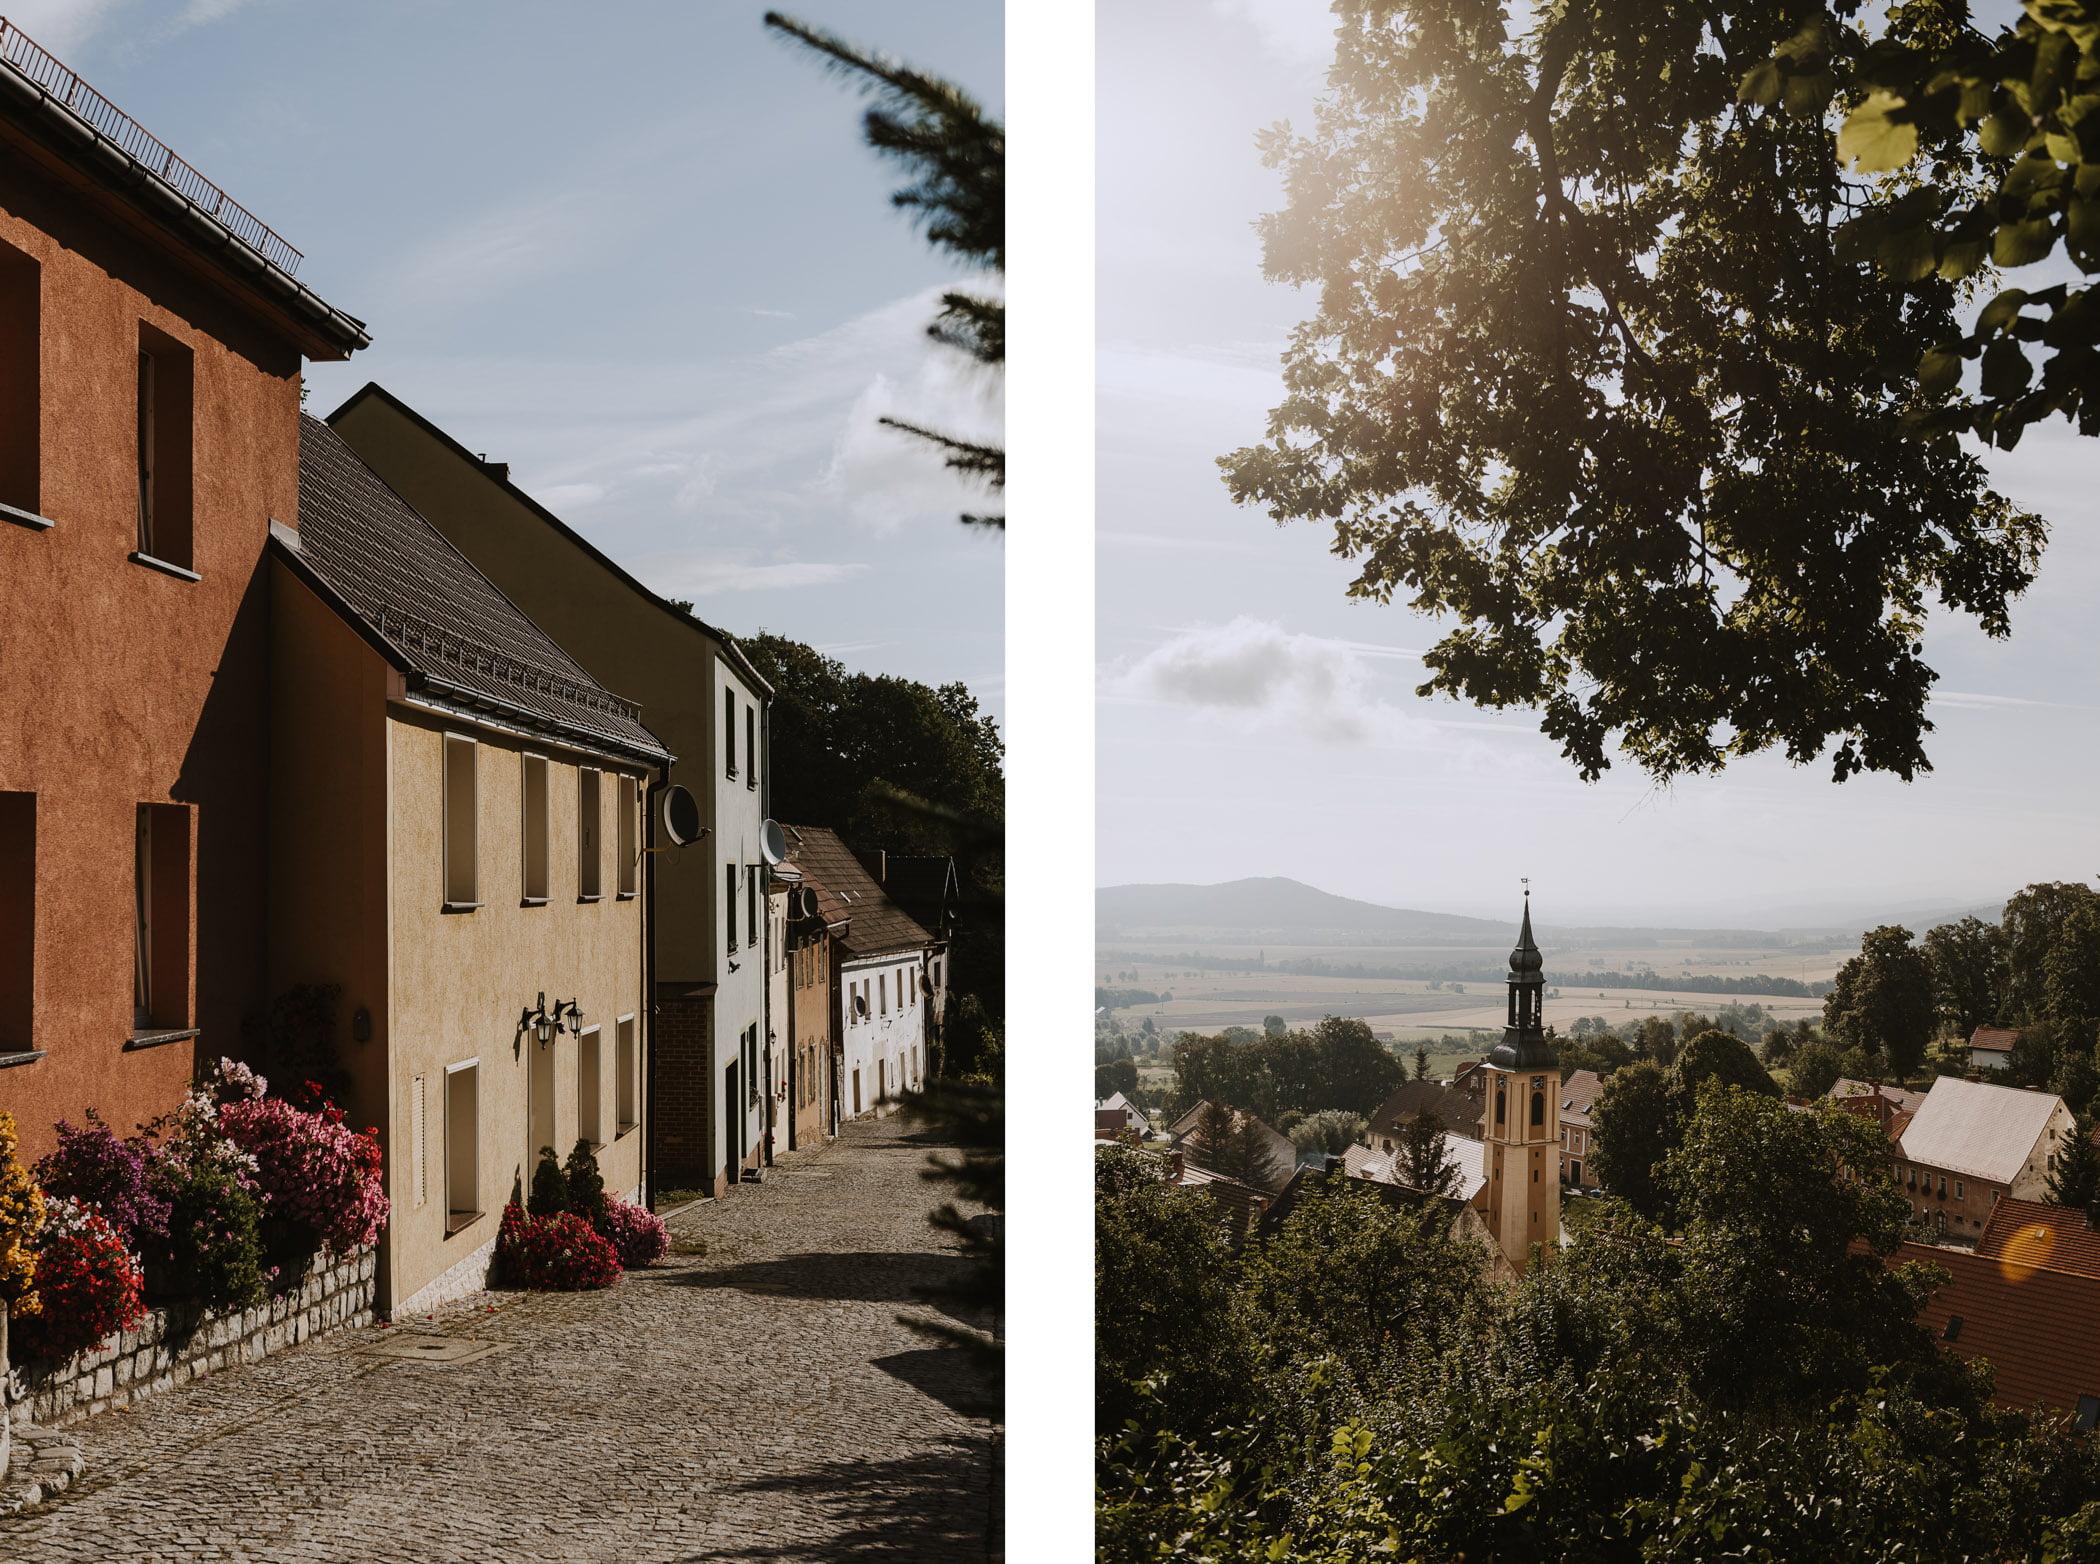 Malownicze wsie wPolsce - Srebrna Góra